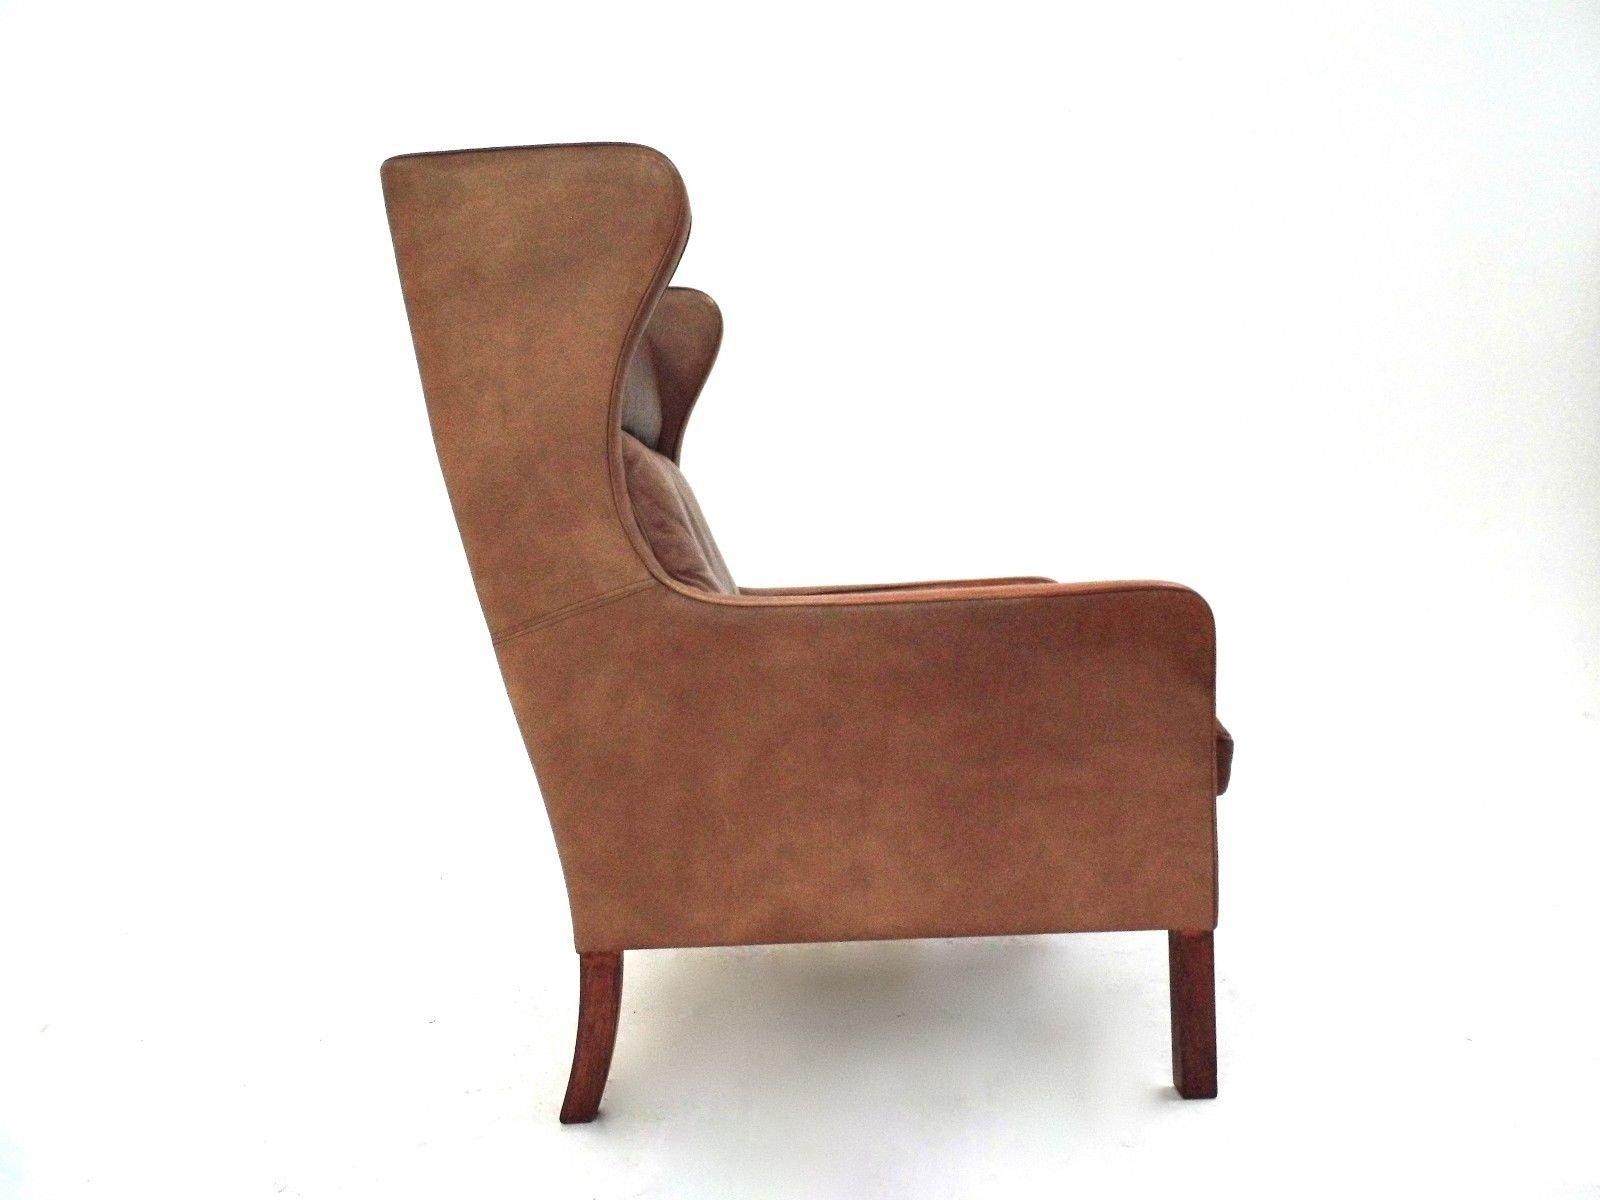 fauteuil haut dossier en cuir tann de stouby 1960s en vente sur pamono. Black Bedroom Furniture Sets. Home Design Ideas